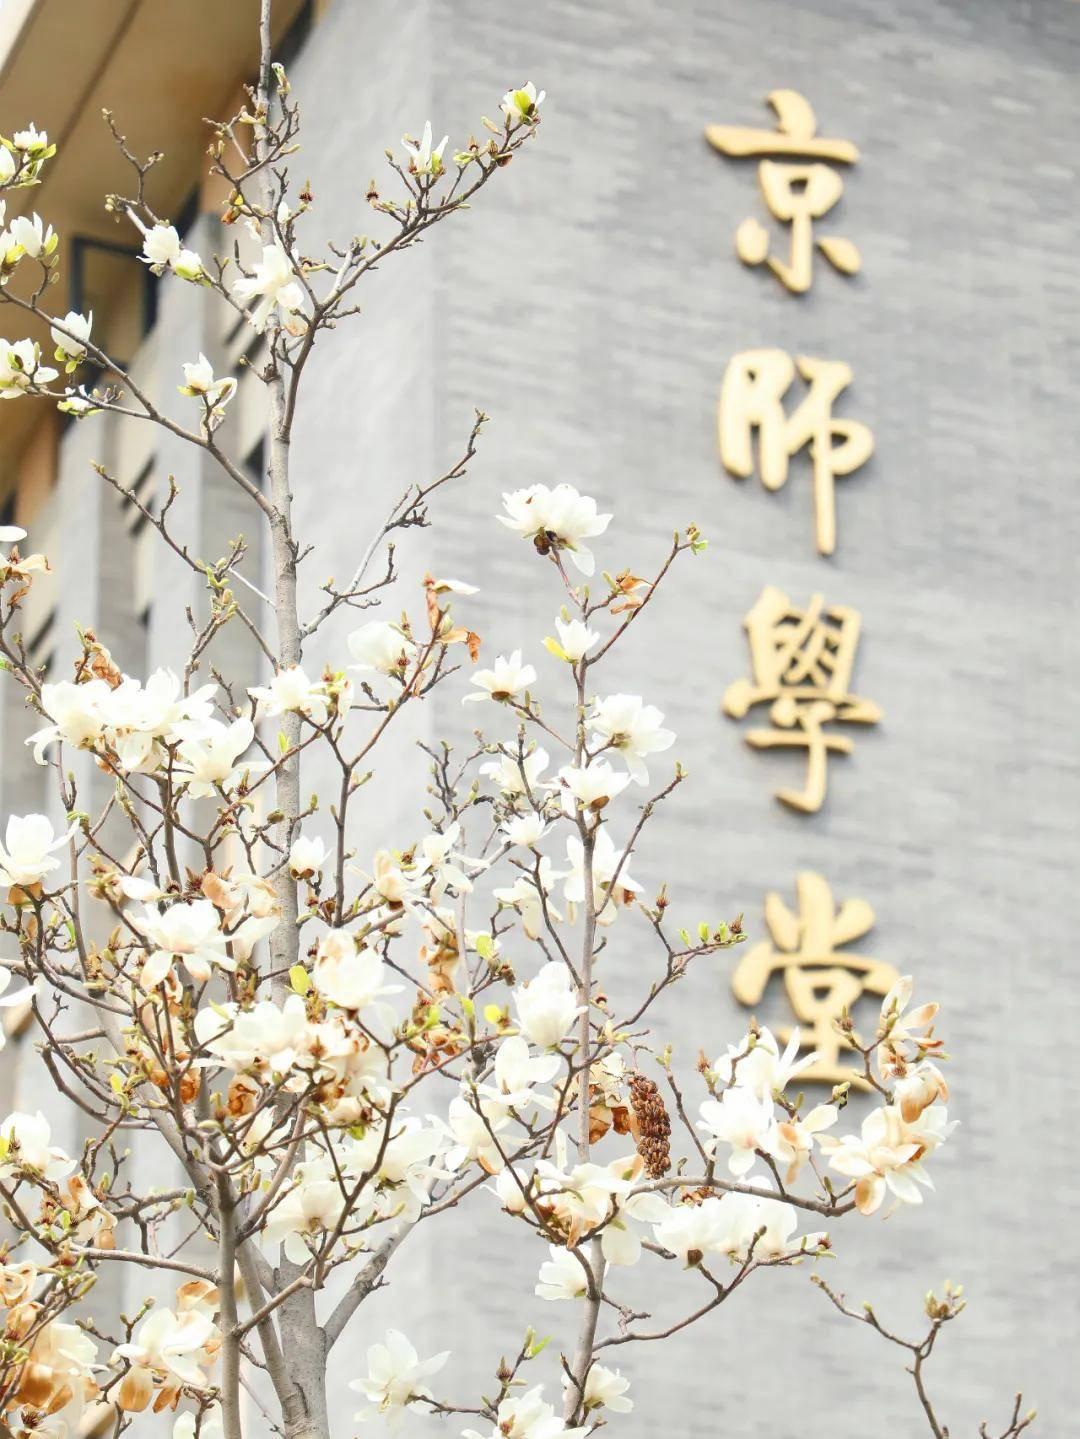 生日快乐,北京师范大学!